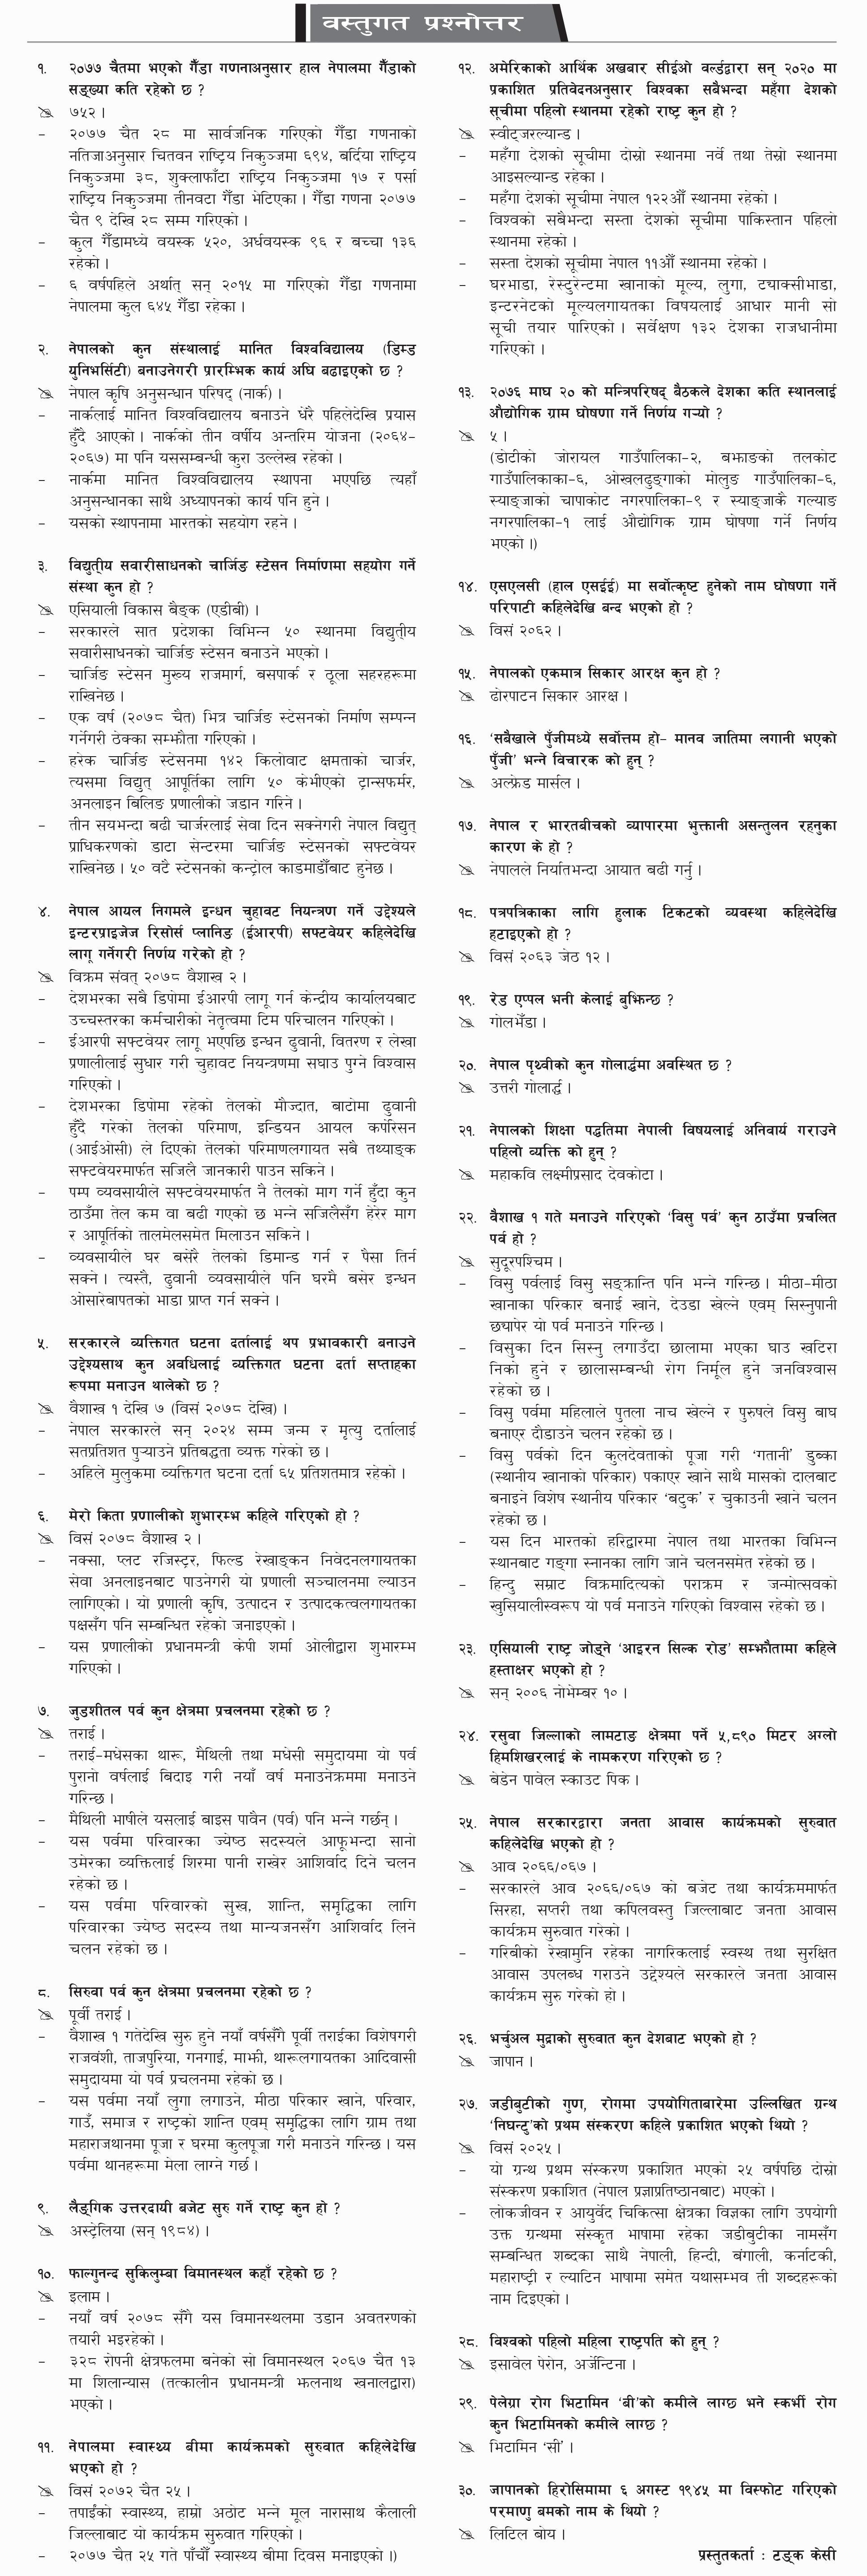 [गोरखापत्र बस्तुगत ] २०७८ बैशाख ०८